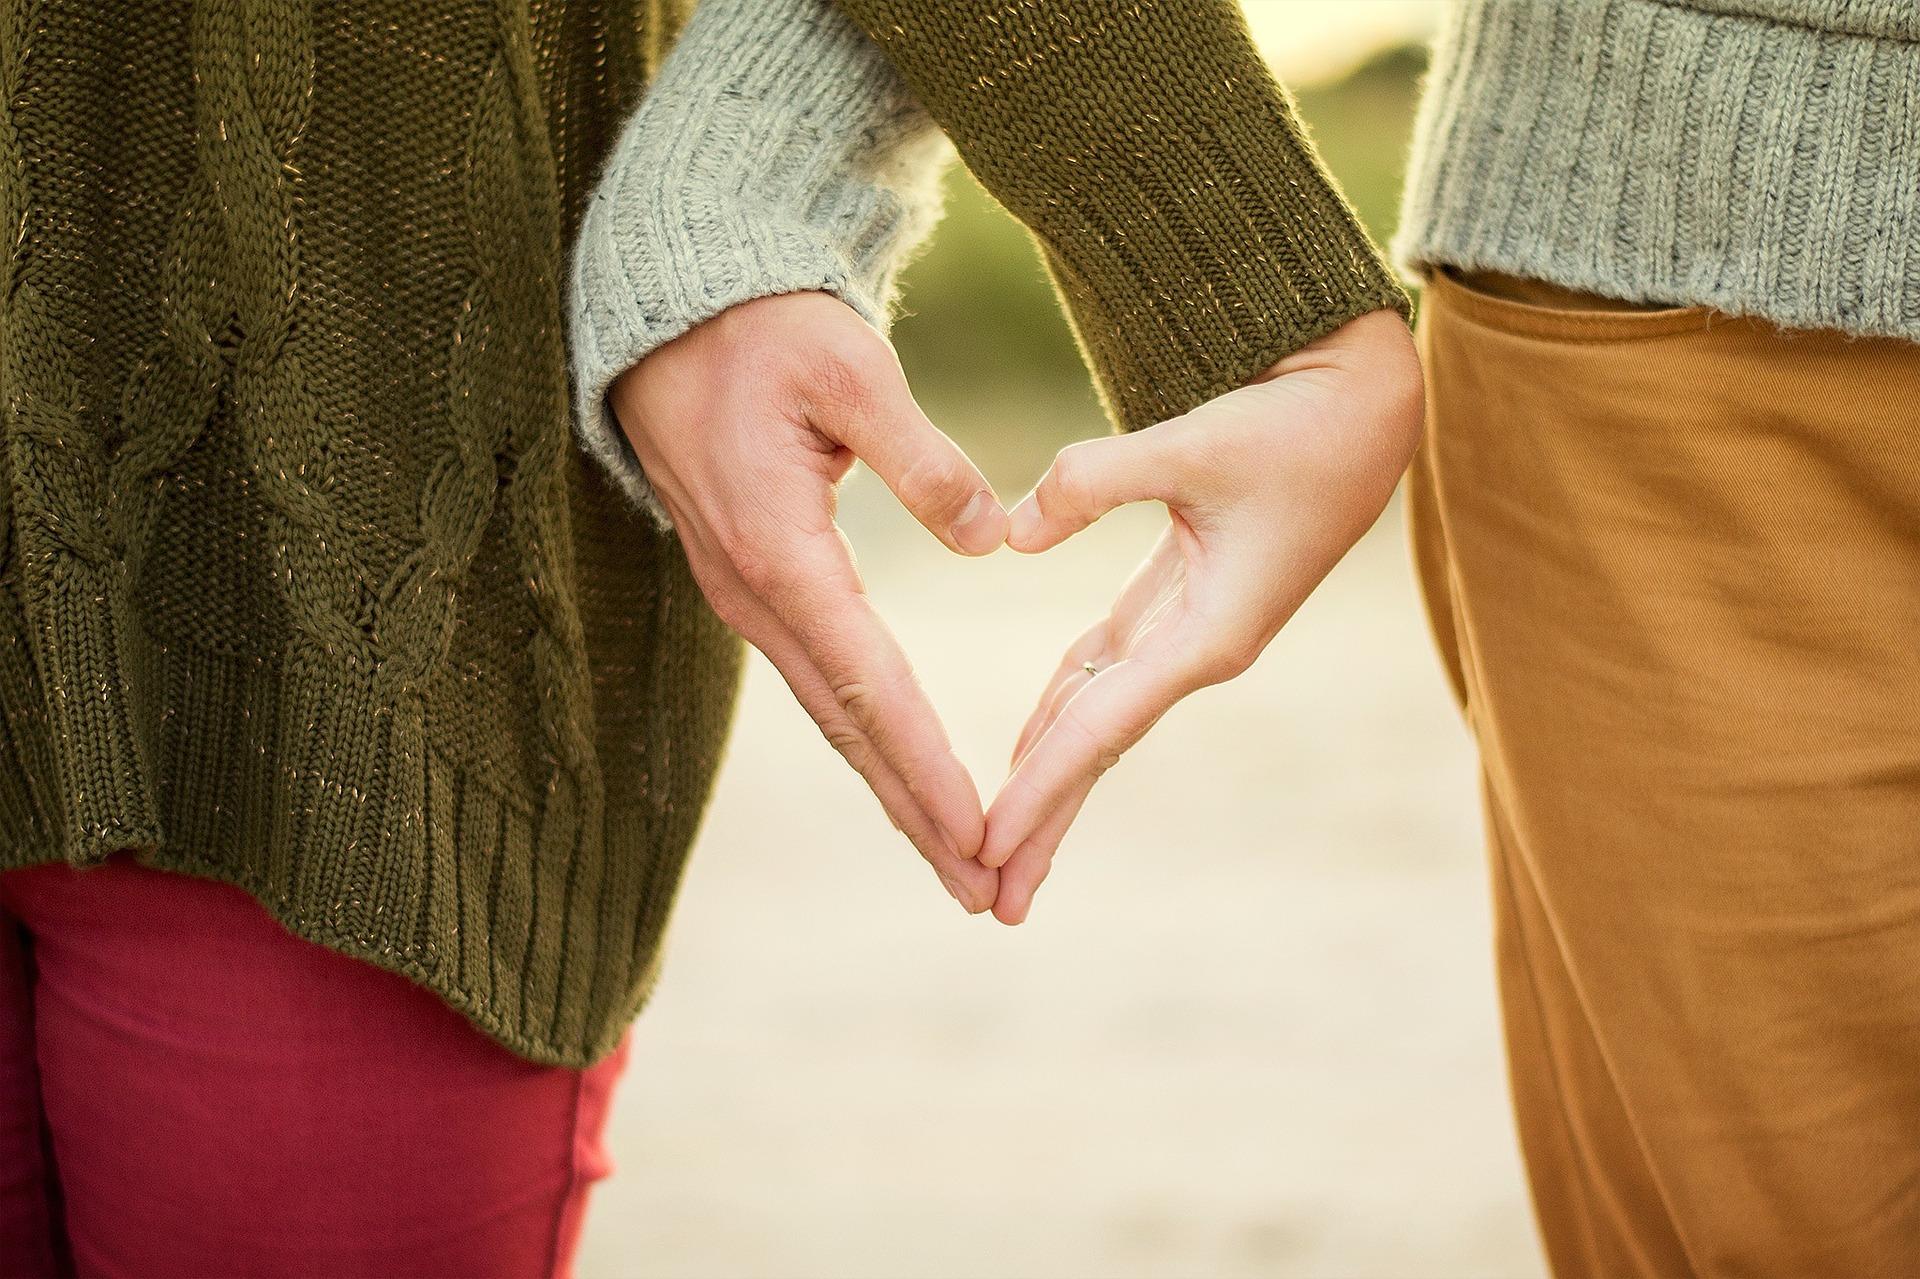 Kahden ihmisen kädet yhdessä muodostaen sydänkuvion.